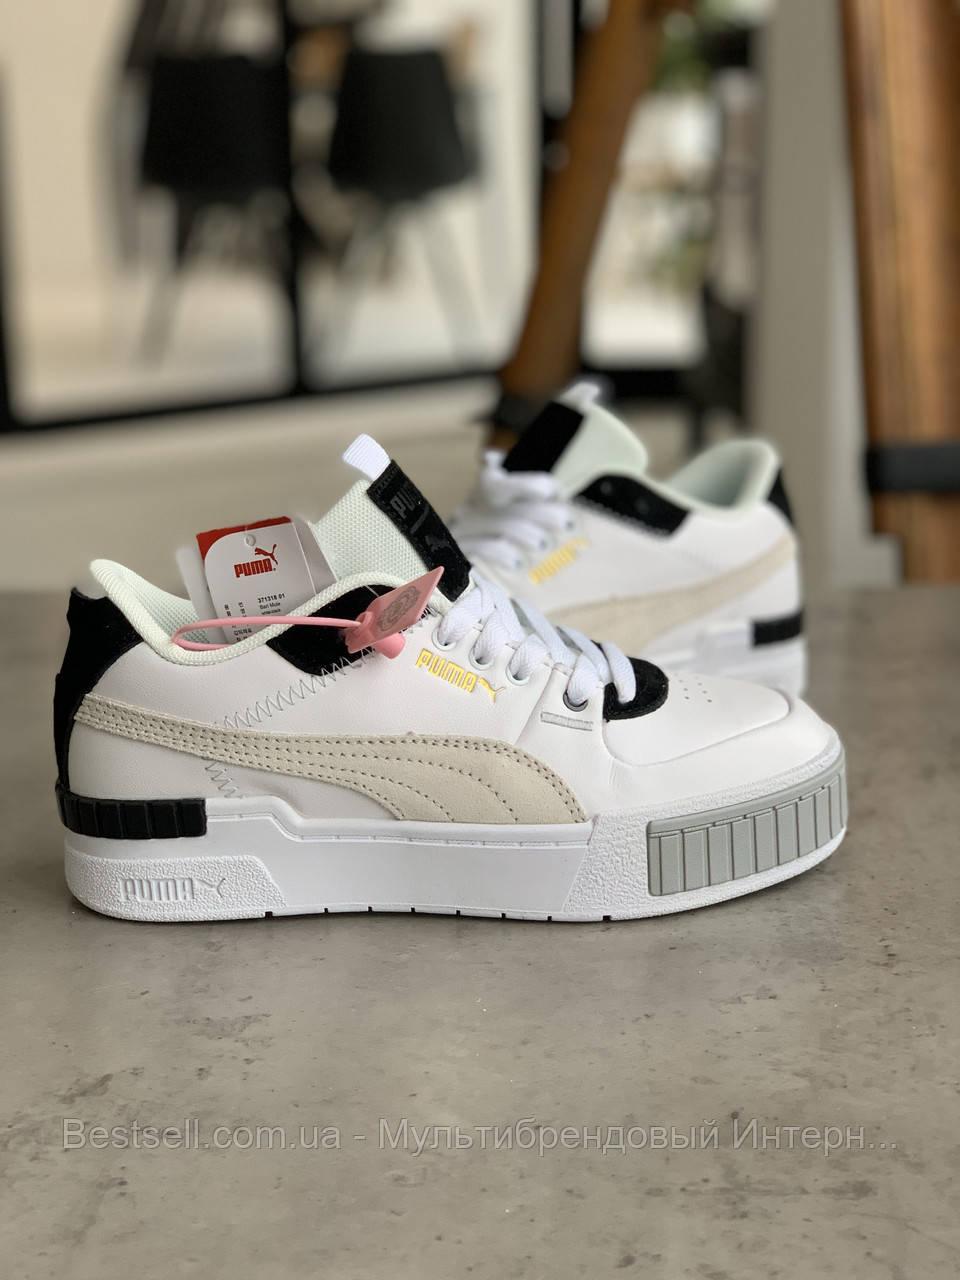 Кросівки Puma Cali Mix Пума Калі Мікс Чорно-білі (37,39)